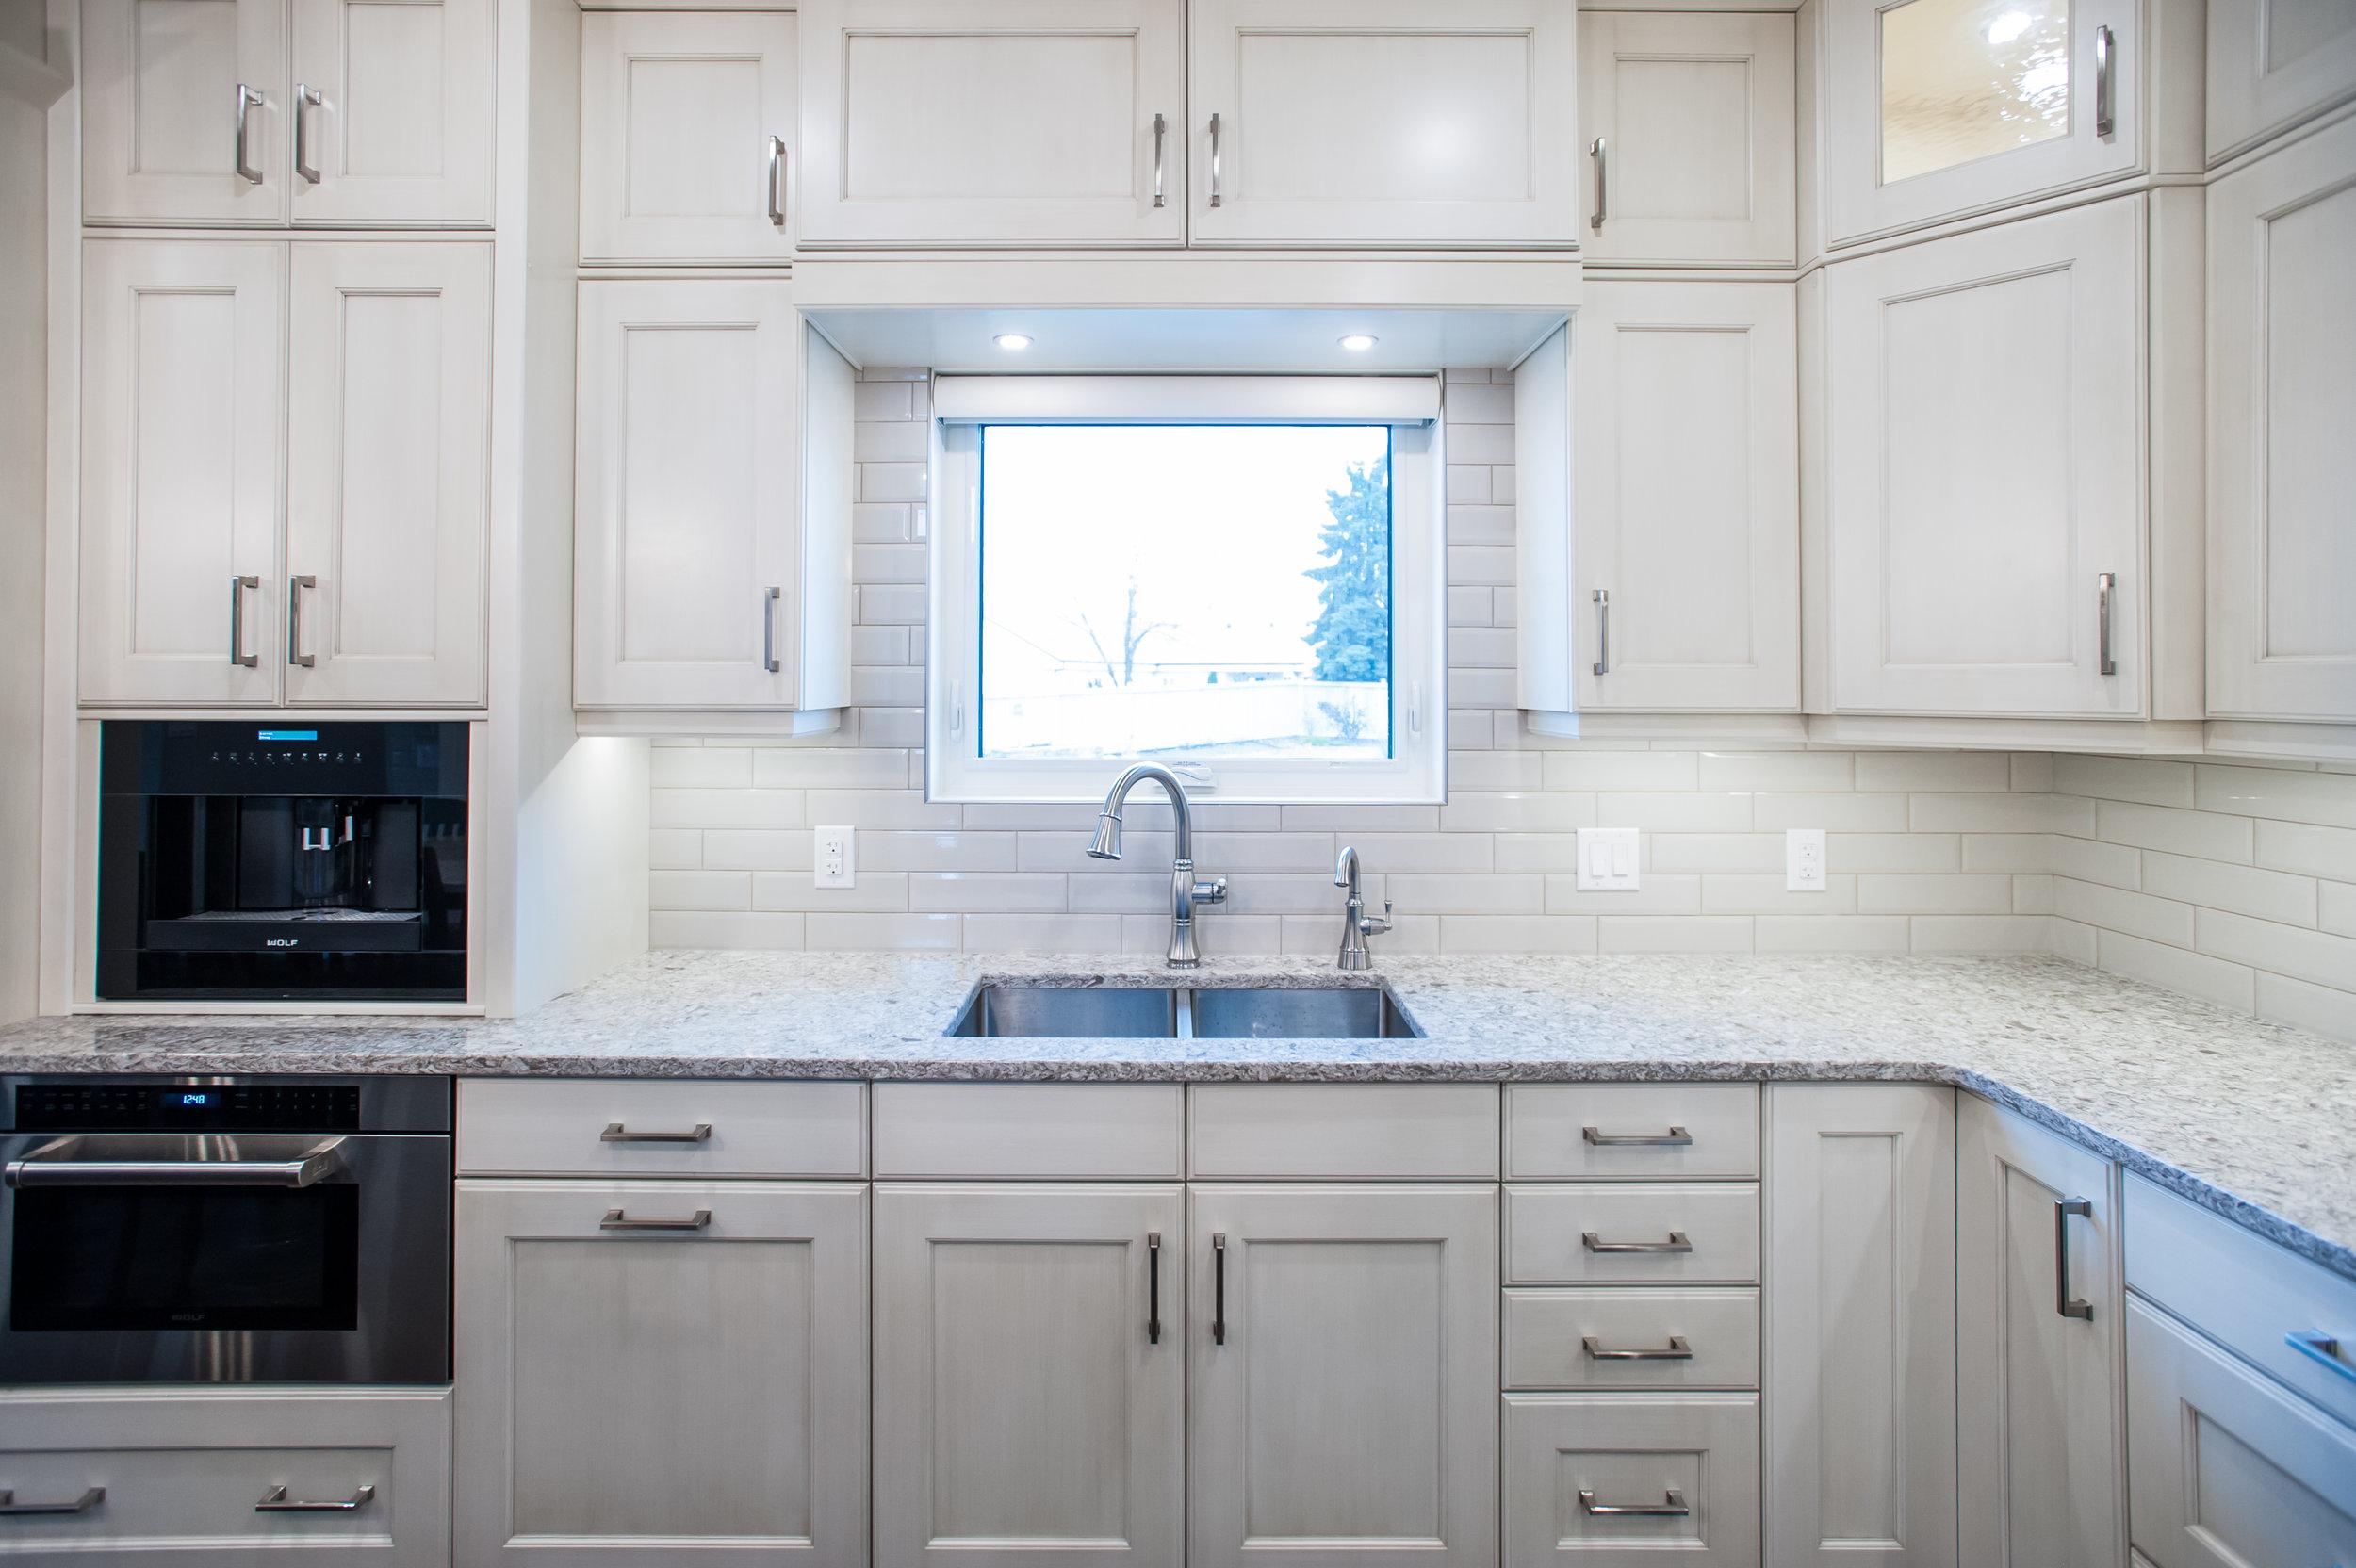 traditional_kitchen_sink_window